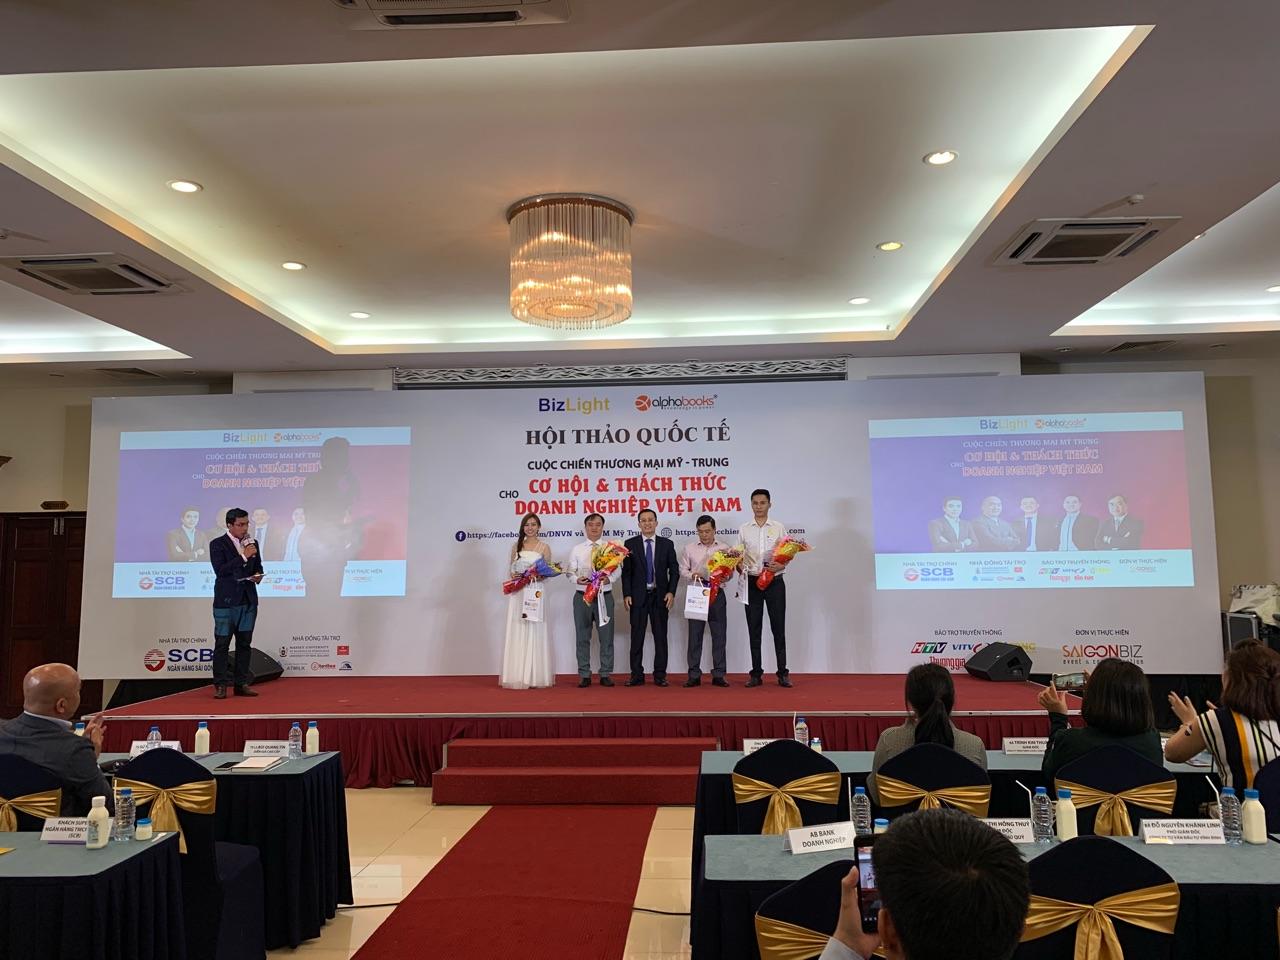 """SCB đồng hành cùng hội thảo """"Cuộc chiến thương mại Mỹ - Trung: Cơ hội & thách thức cho doanh nghiệp Việt Nam"""""""